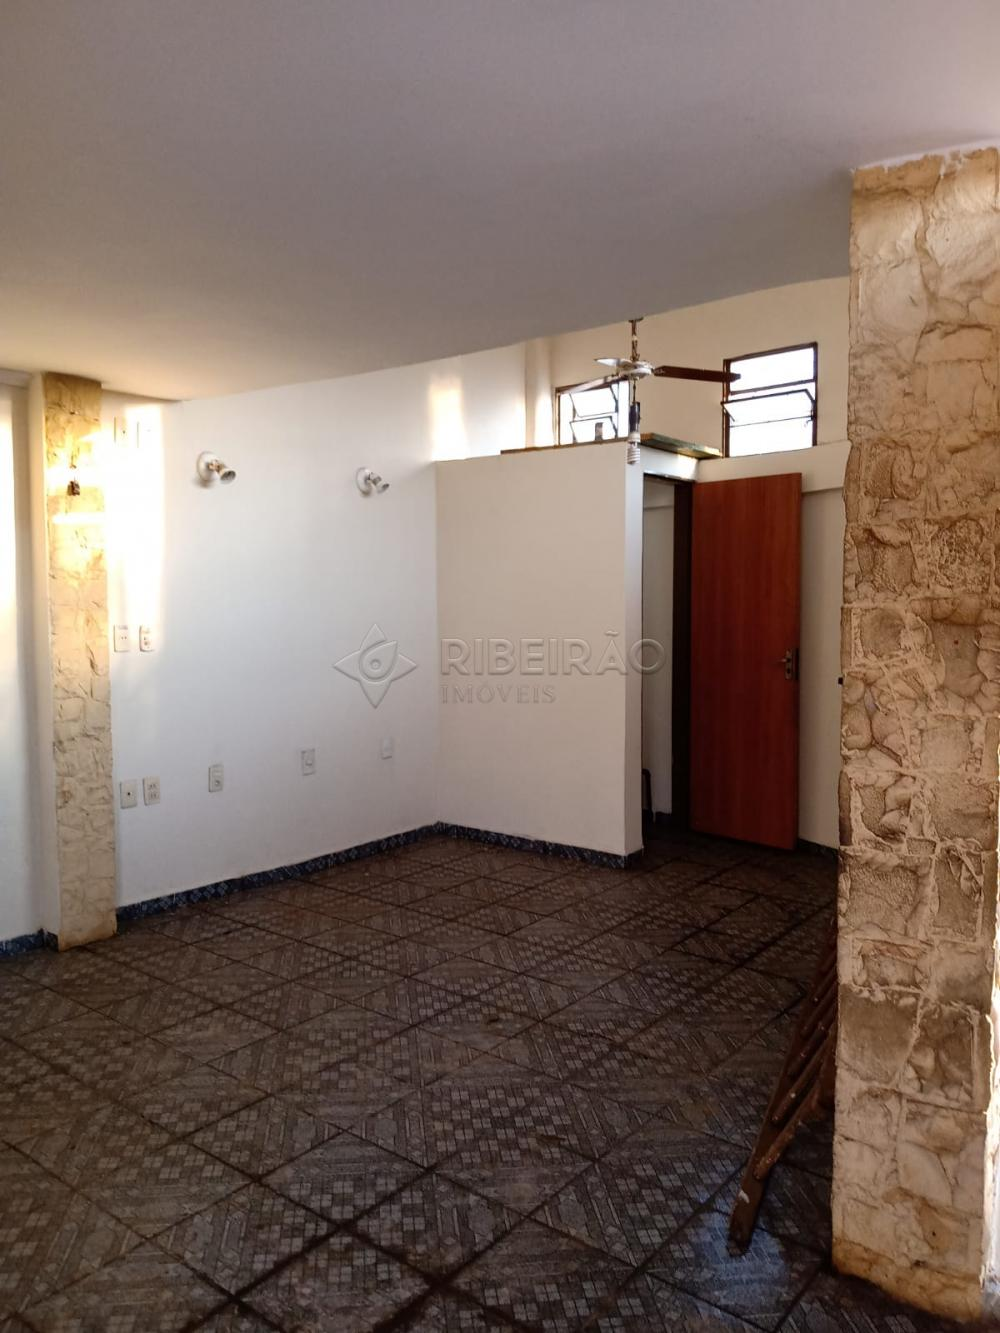 Alugar Casa / Sobrado em Ribeirão Preto R$ 1.400,00 - Foto 5